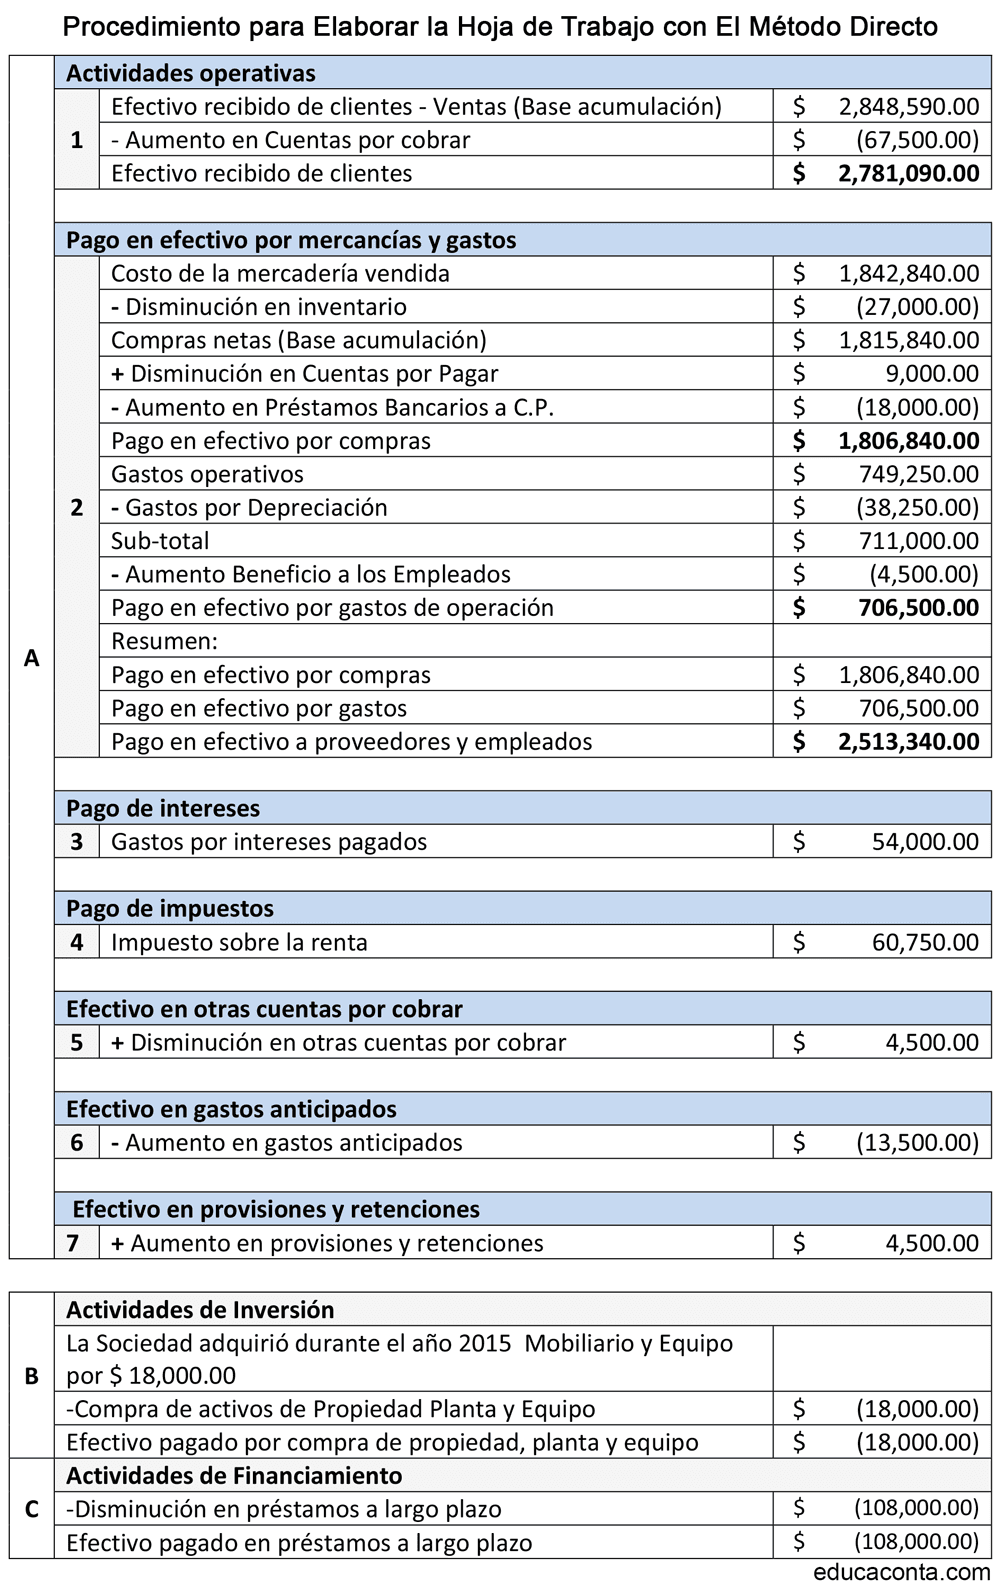 FLUJO DE EFECTIVO SEGÚN NIIF PARA PYMES – METODO DIRECTO ~ Educaconta